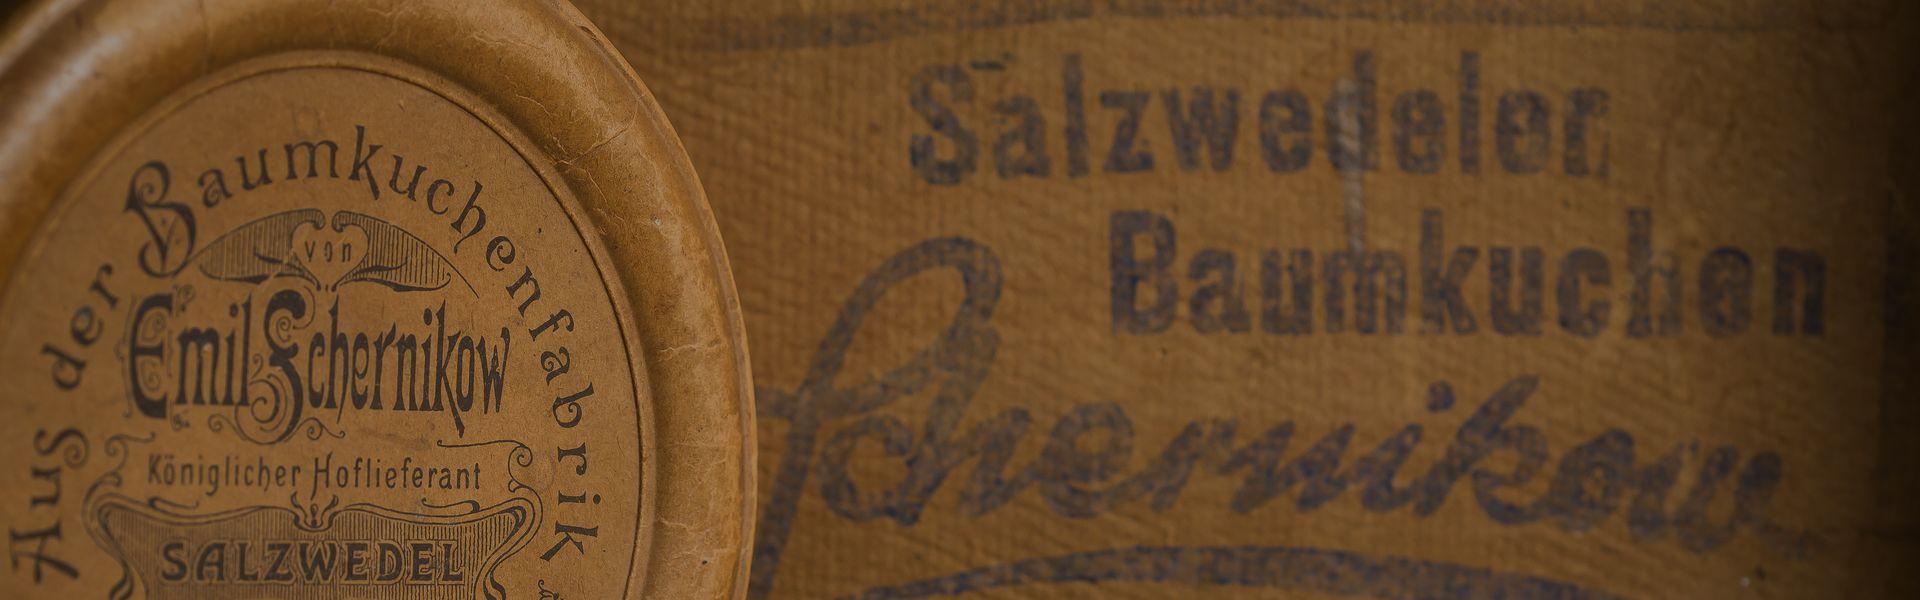 Unsere-Chronik-Baumkuchen-Salzwedel